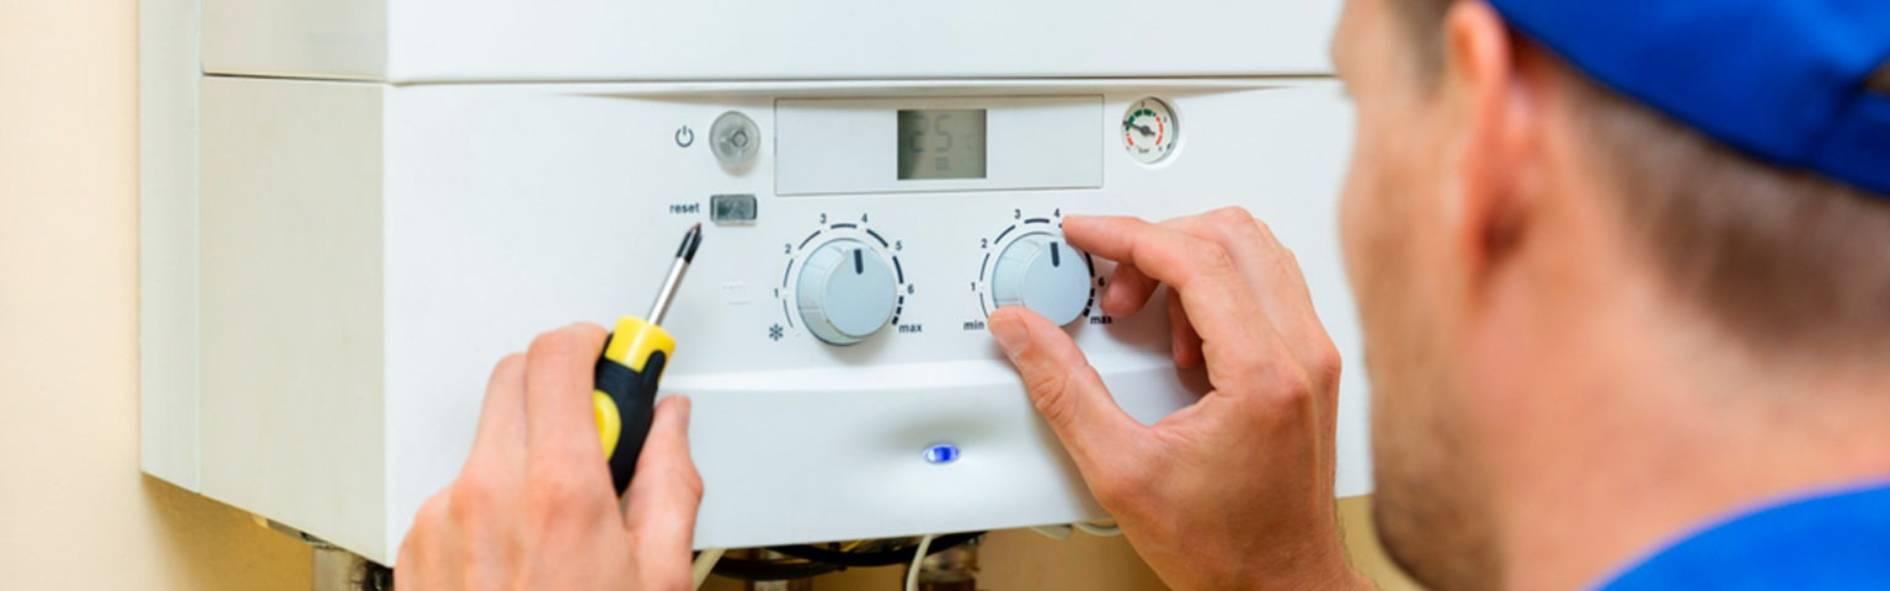 Descubre las calderas de gas y todos los factores que debes tener en cuenta a la hora de escoger la mejor